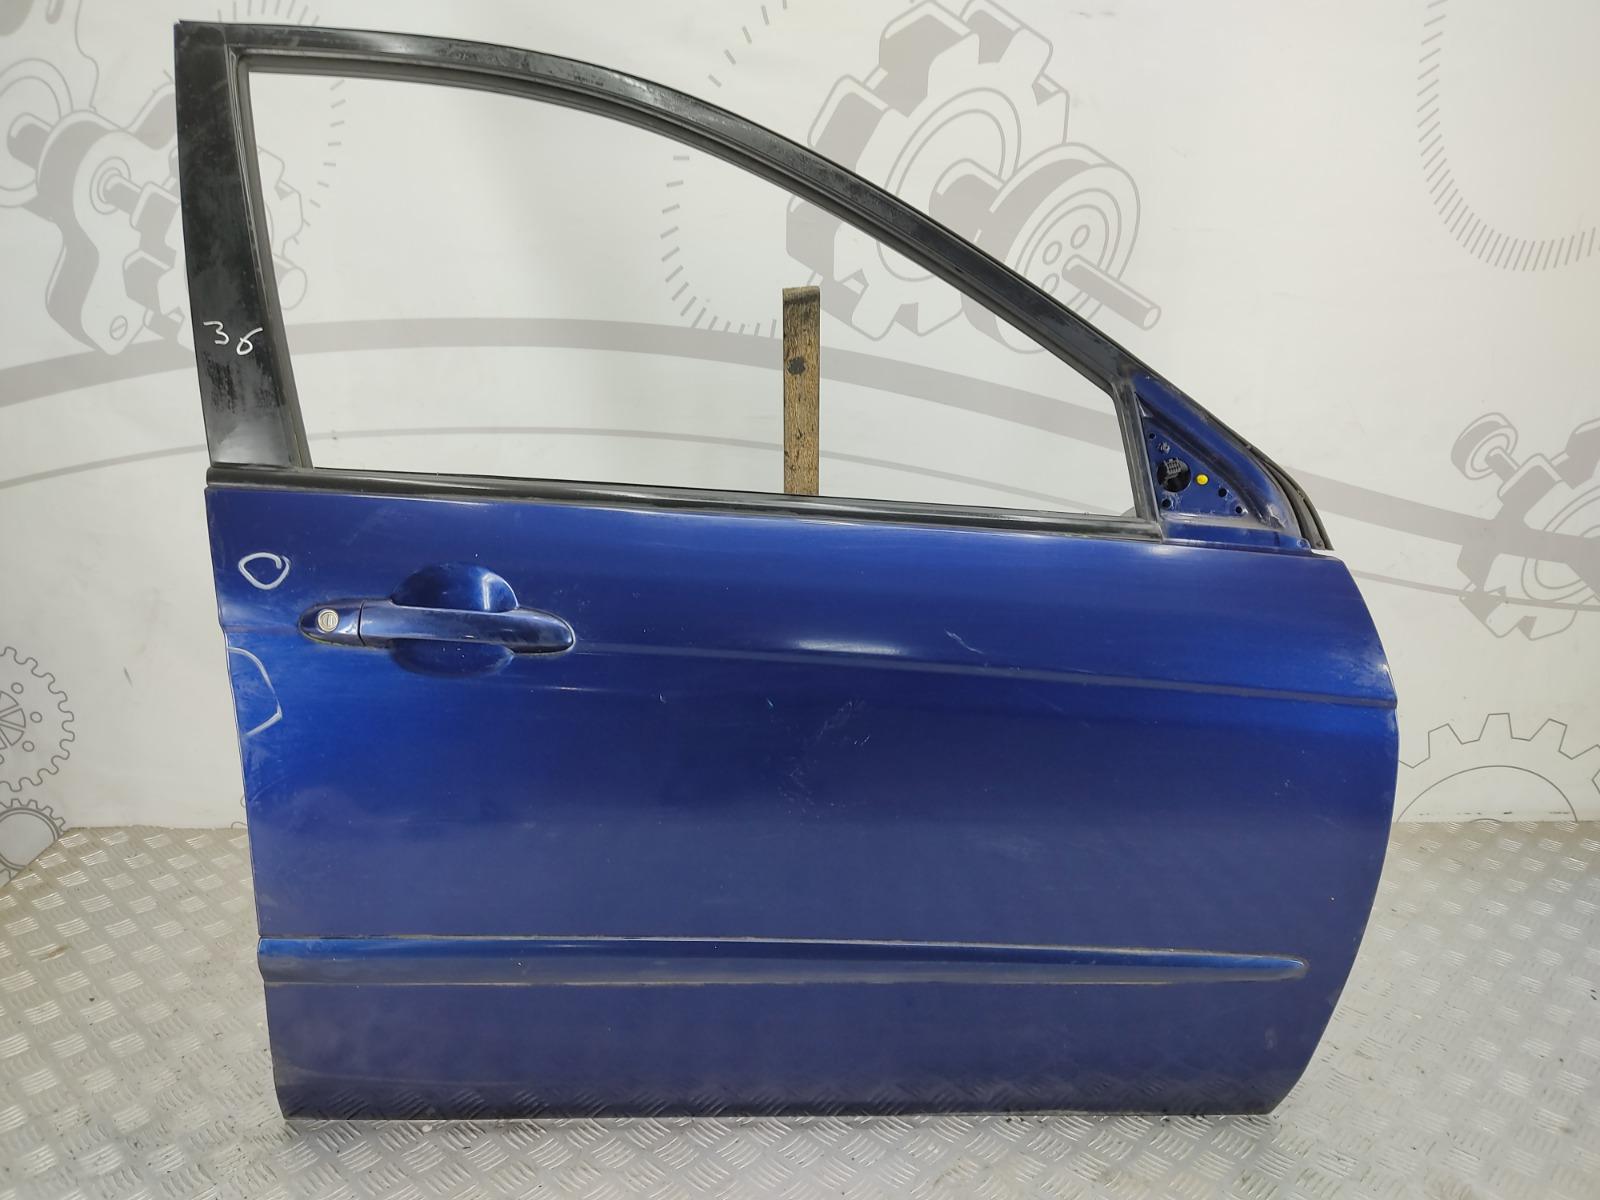 Дверь передняя правая Kia Cerato 1.5 CRDI 2006 (б/у)